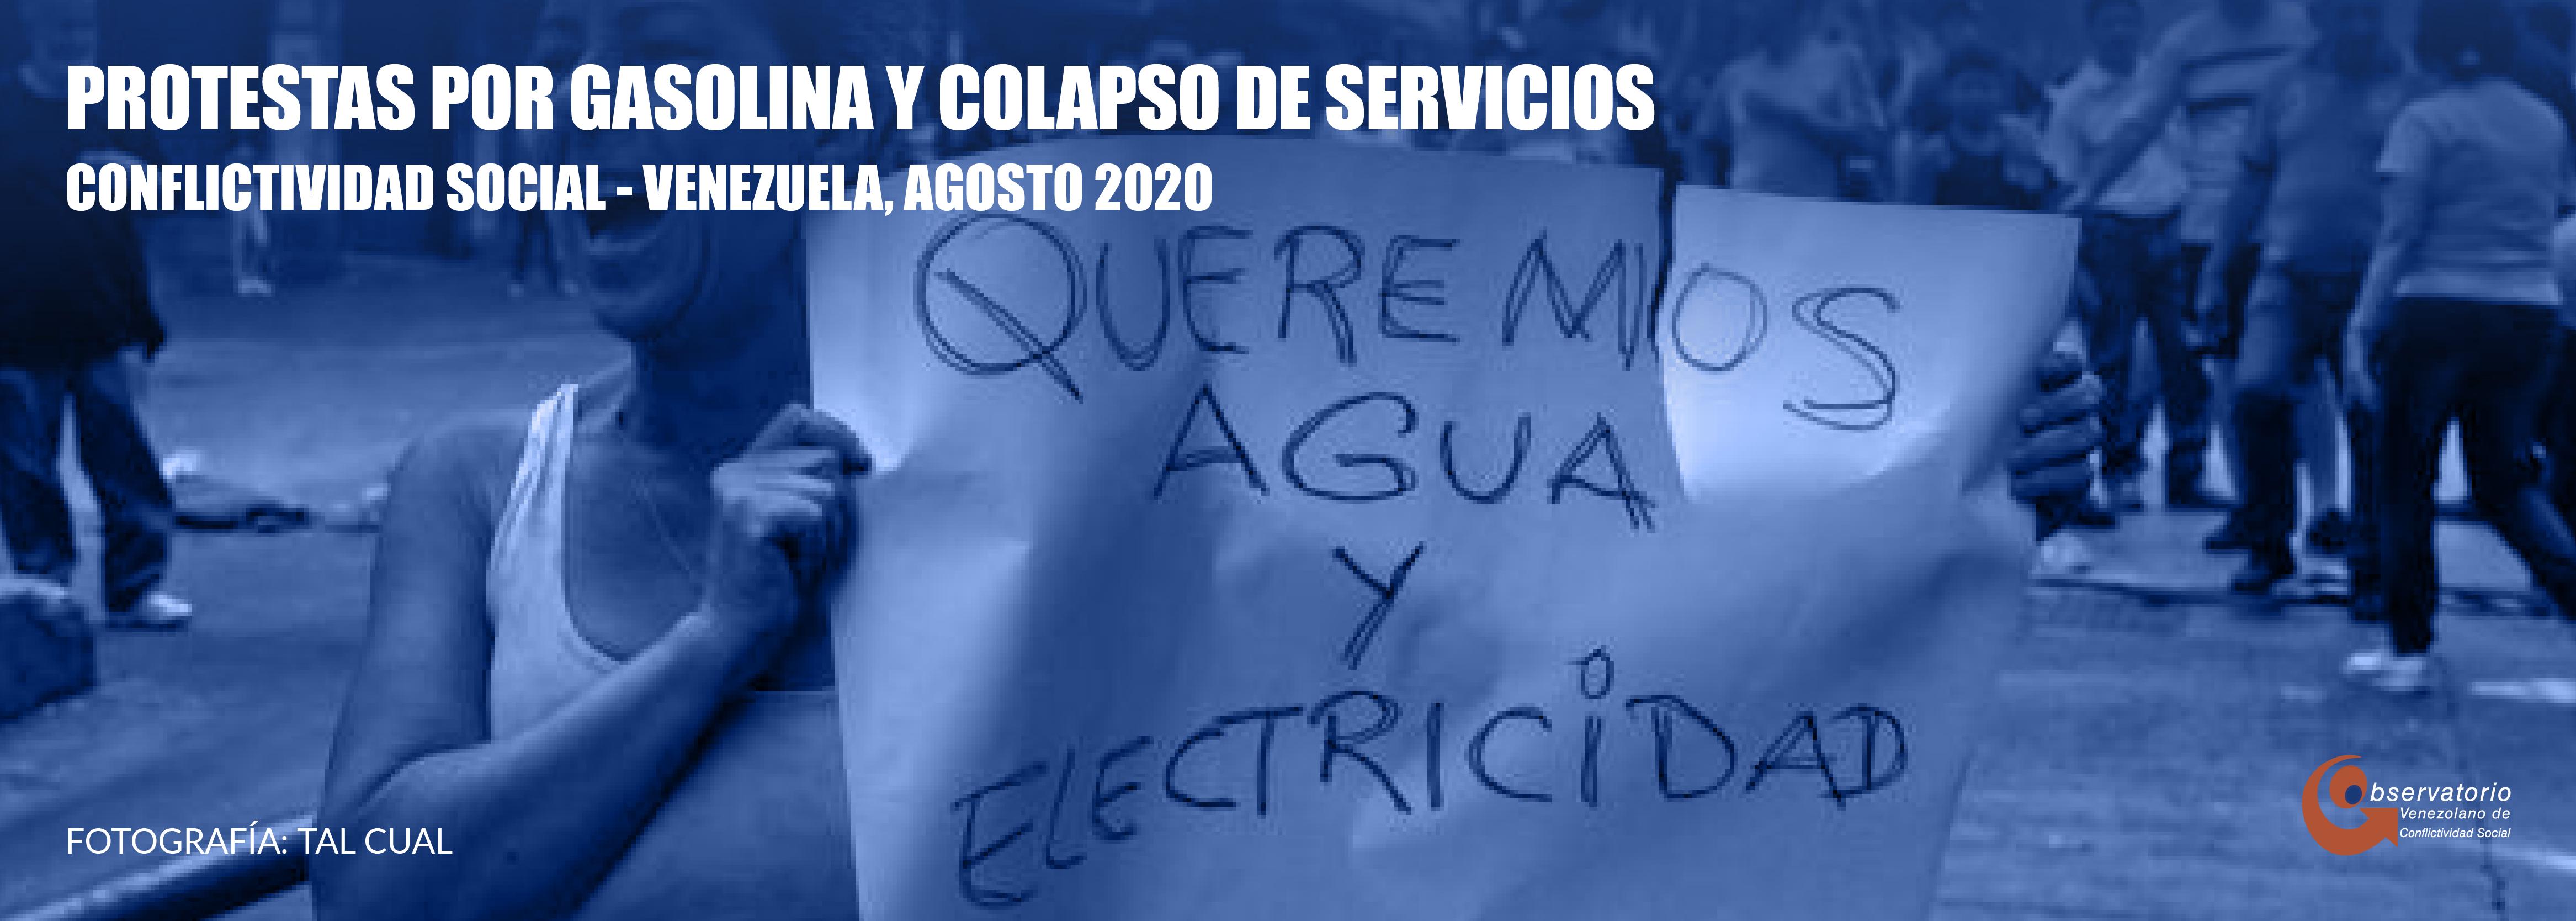 Conflictividad social en Venezuela en agosto de 2020